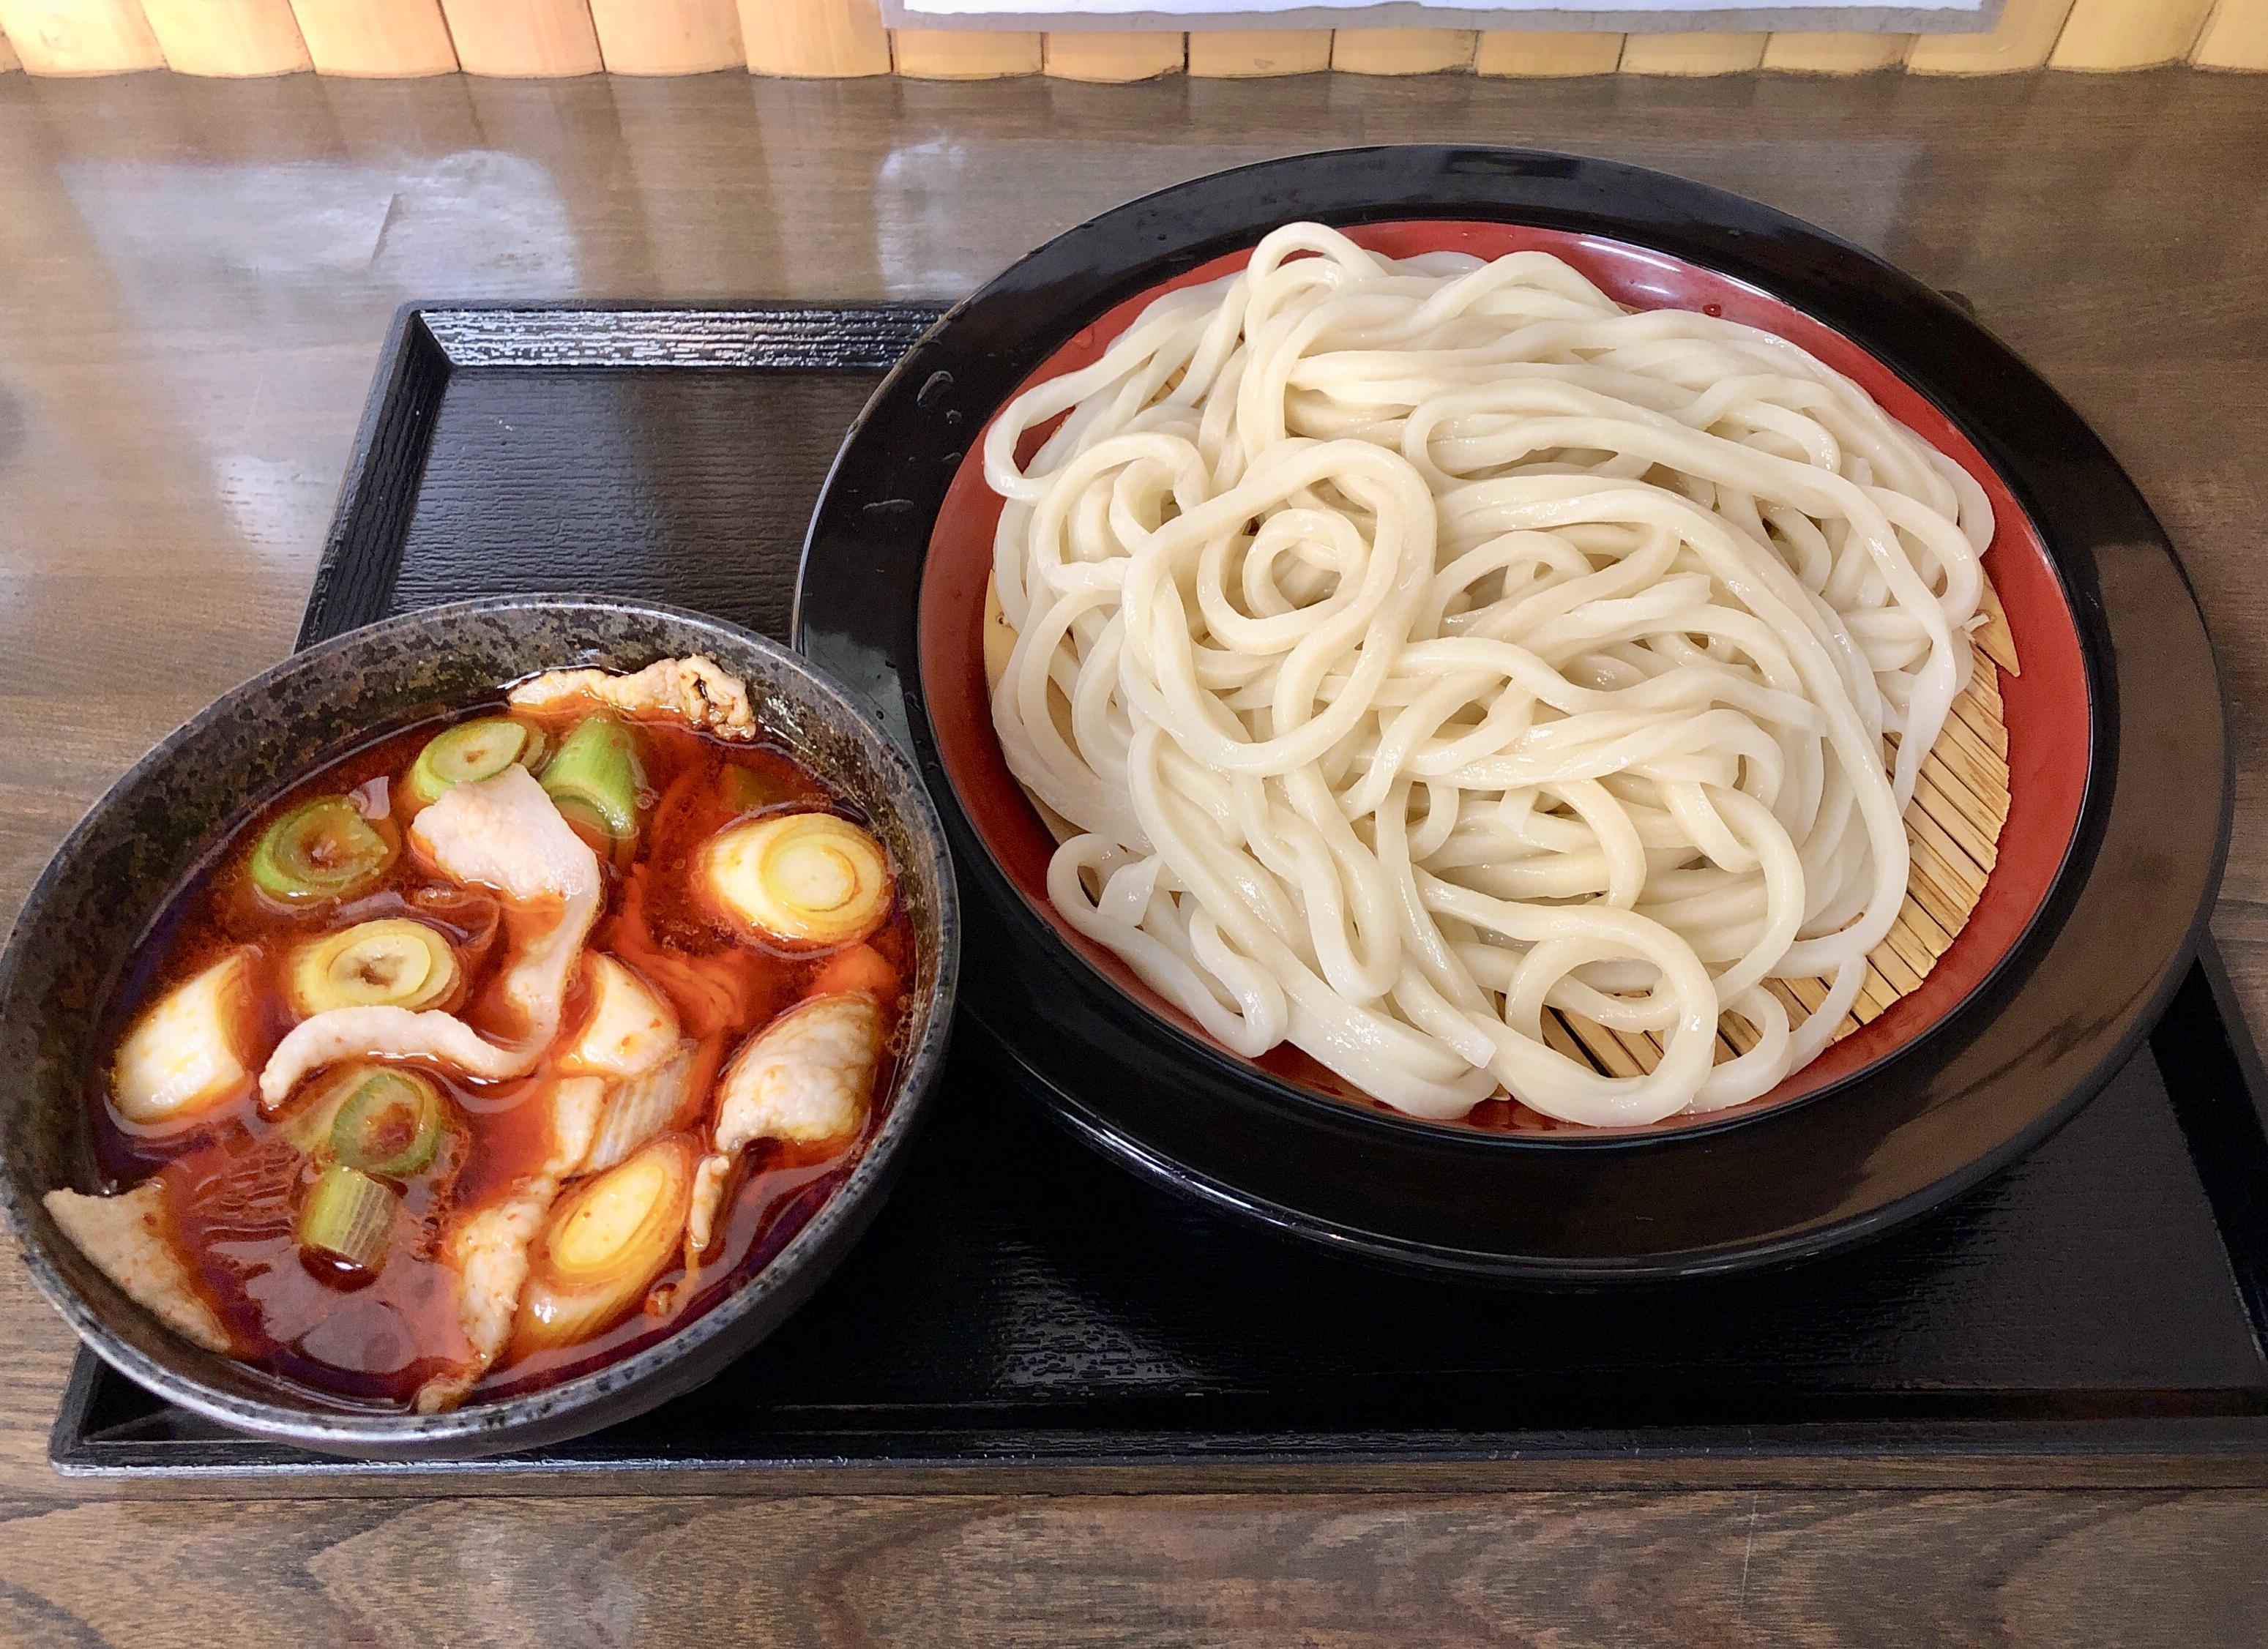 大宮市場・藤原 ランチ時に旨辛肉汁うどんを食べてみた。辛さは調節OK!